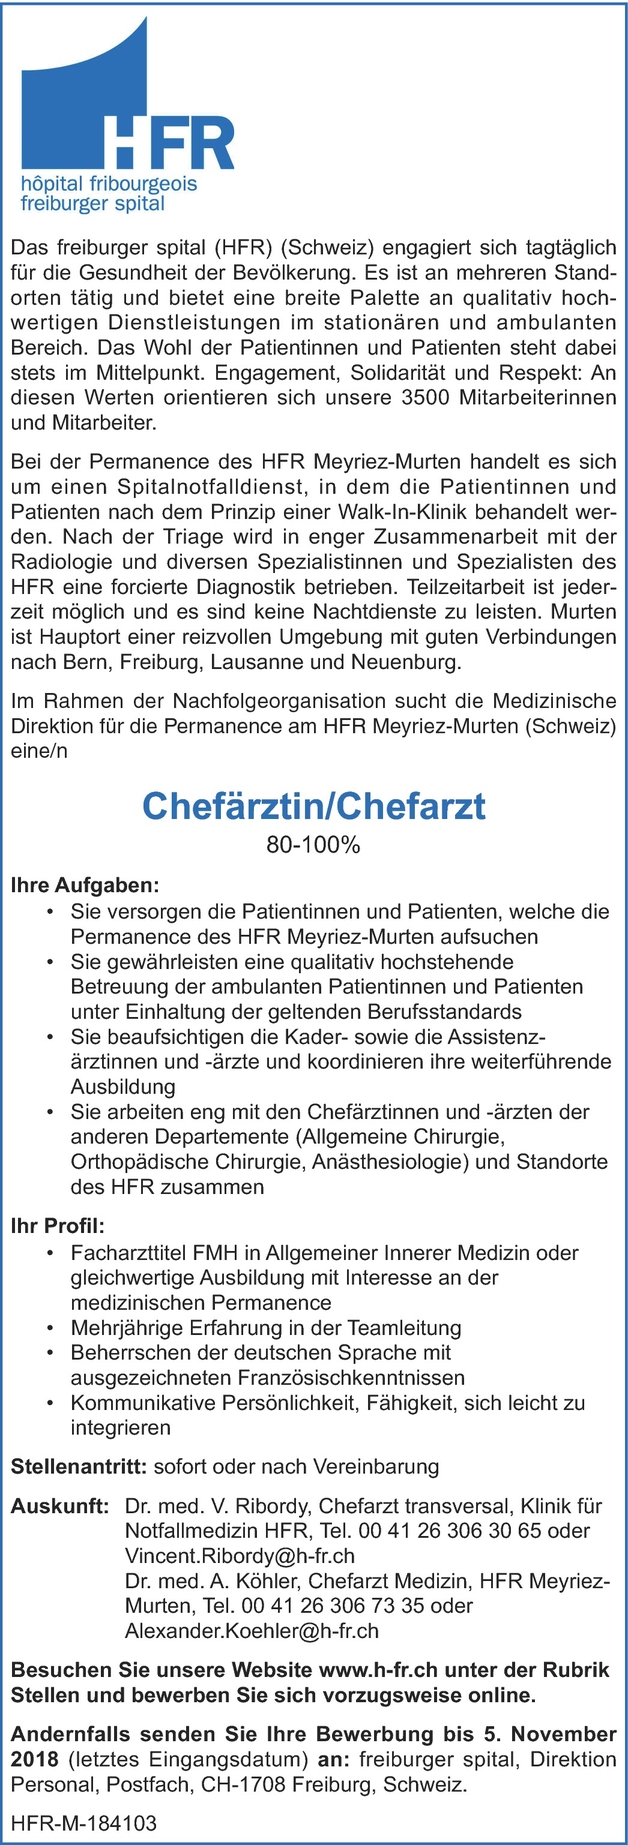 Facharzt/-ärztin Innere Medizin